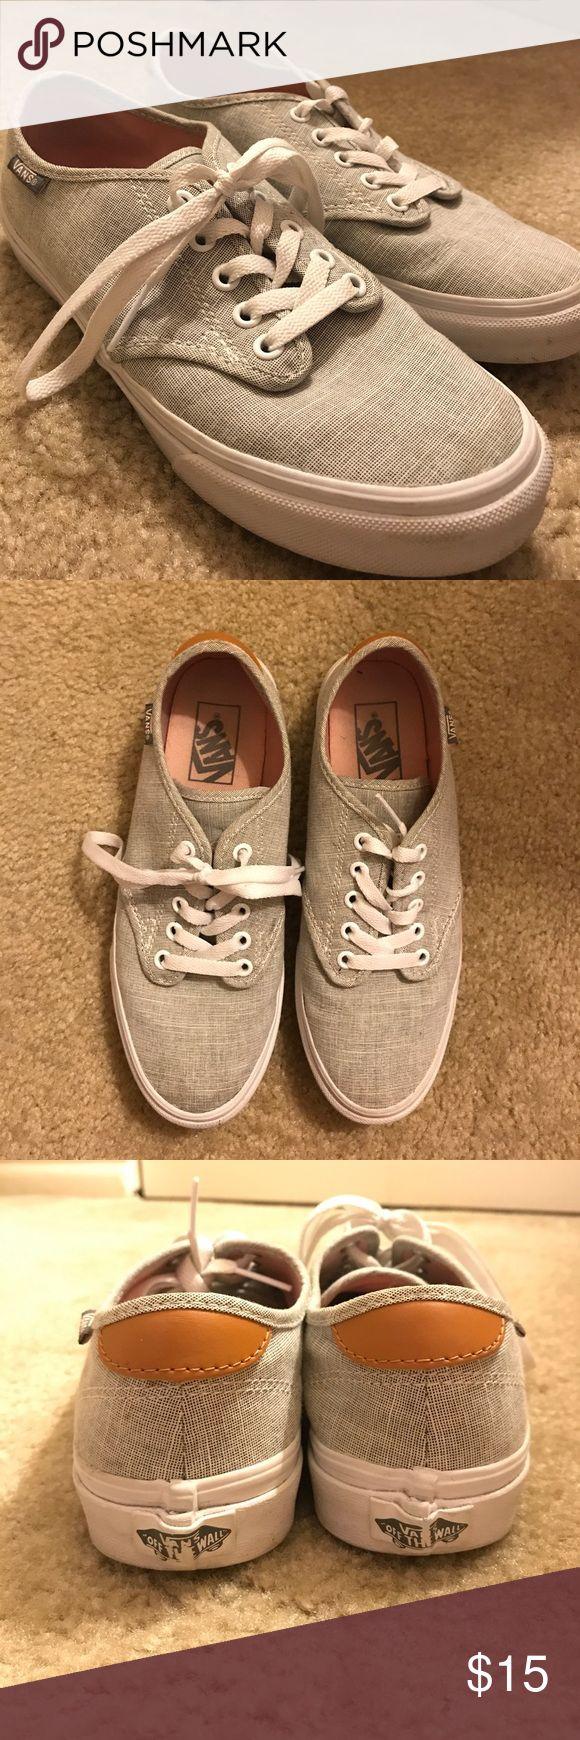 Women's Vans sneakers Barely worn vans sneakers. Very comfortable & clean! Nike Shoes Sneakers